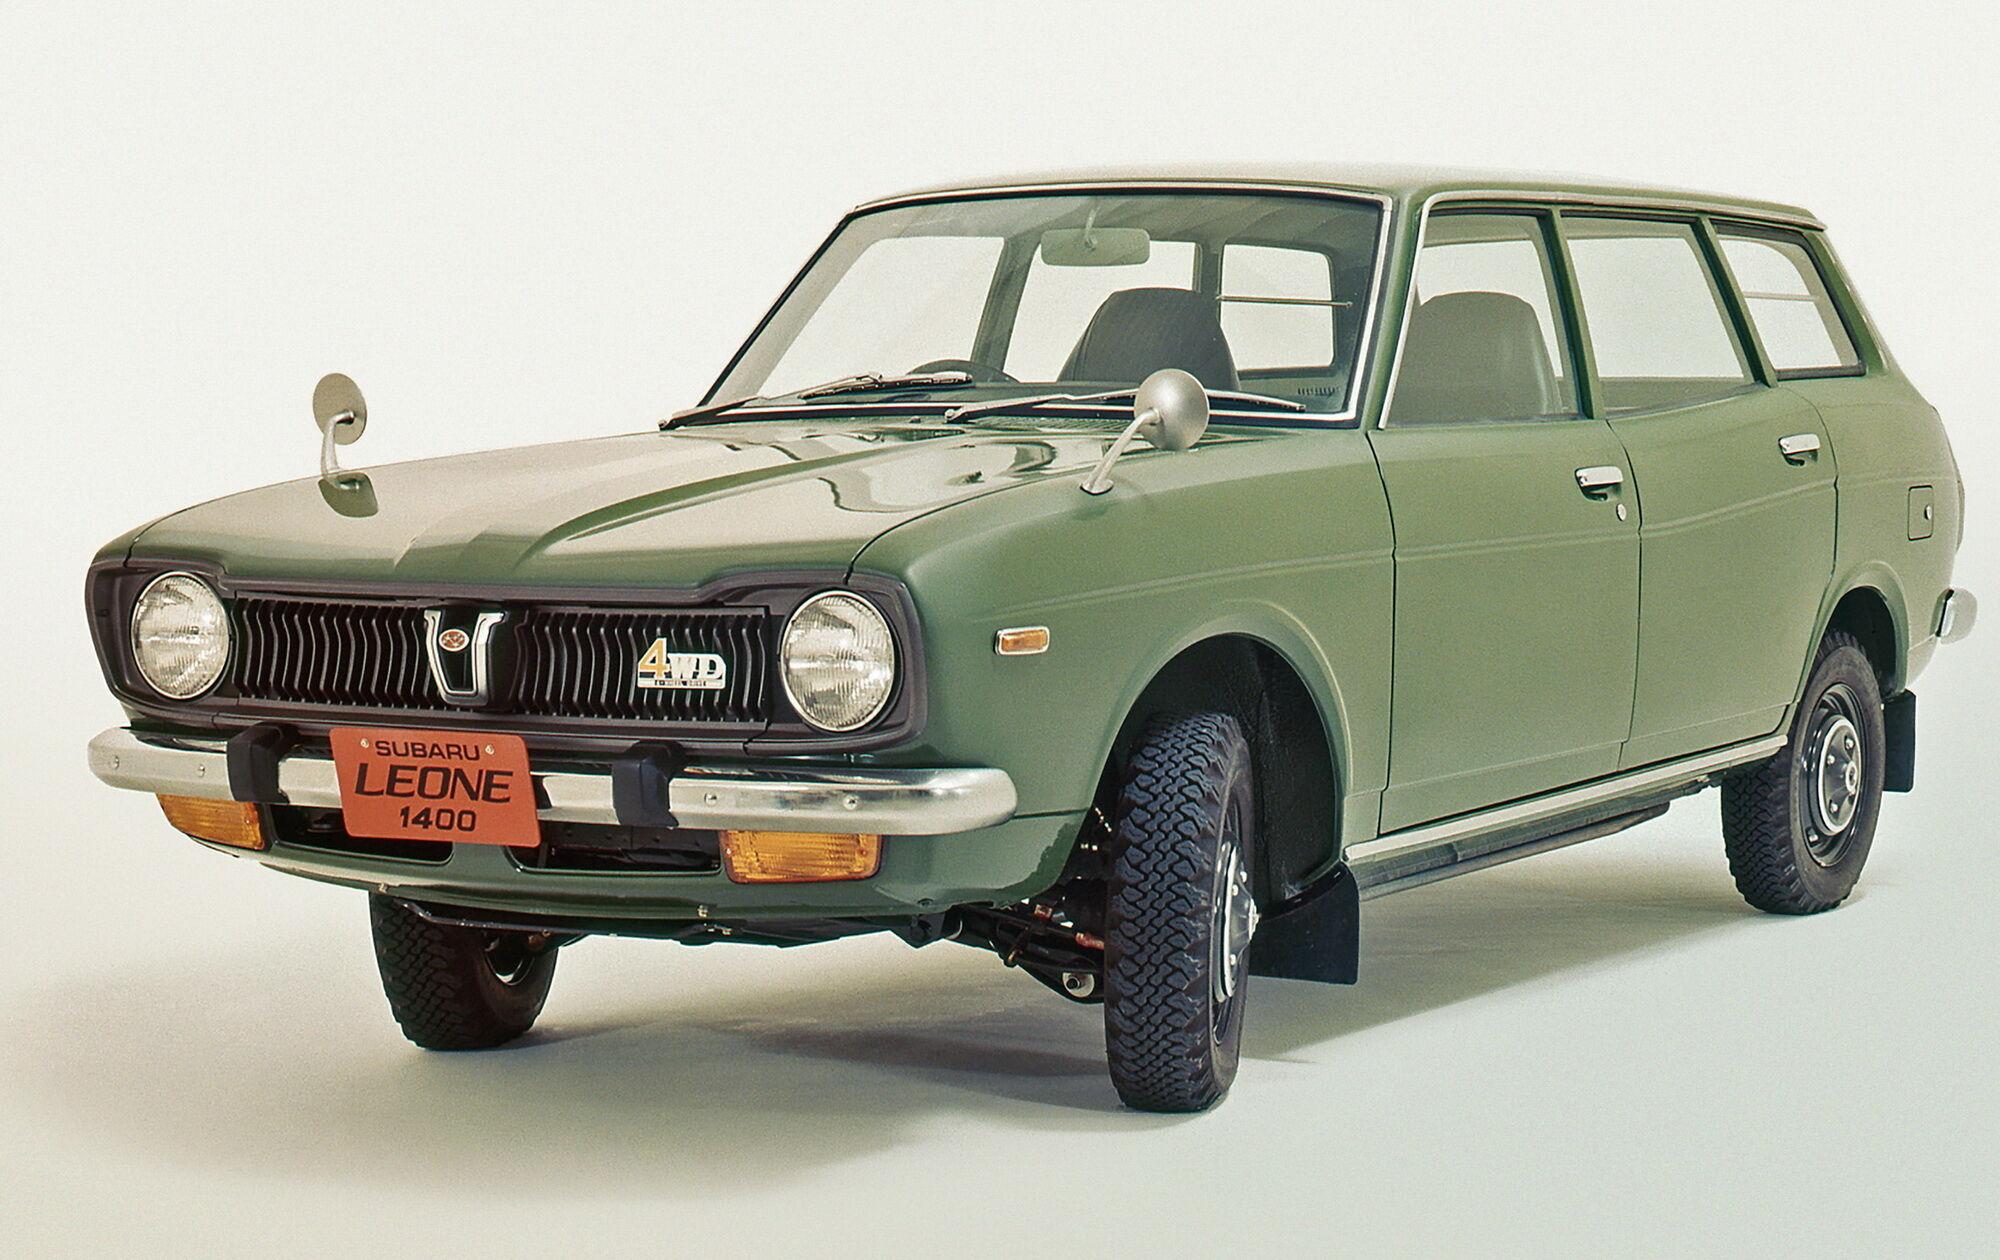 Subaru Leone 4WD Estate Van став першим серійним легковим автомобілем з повним приводом у Японії